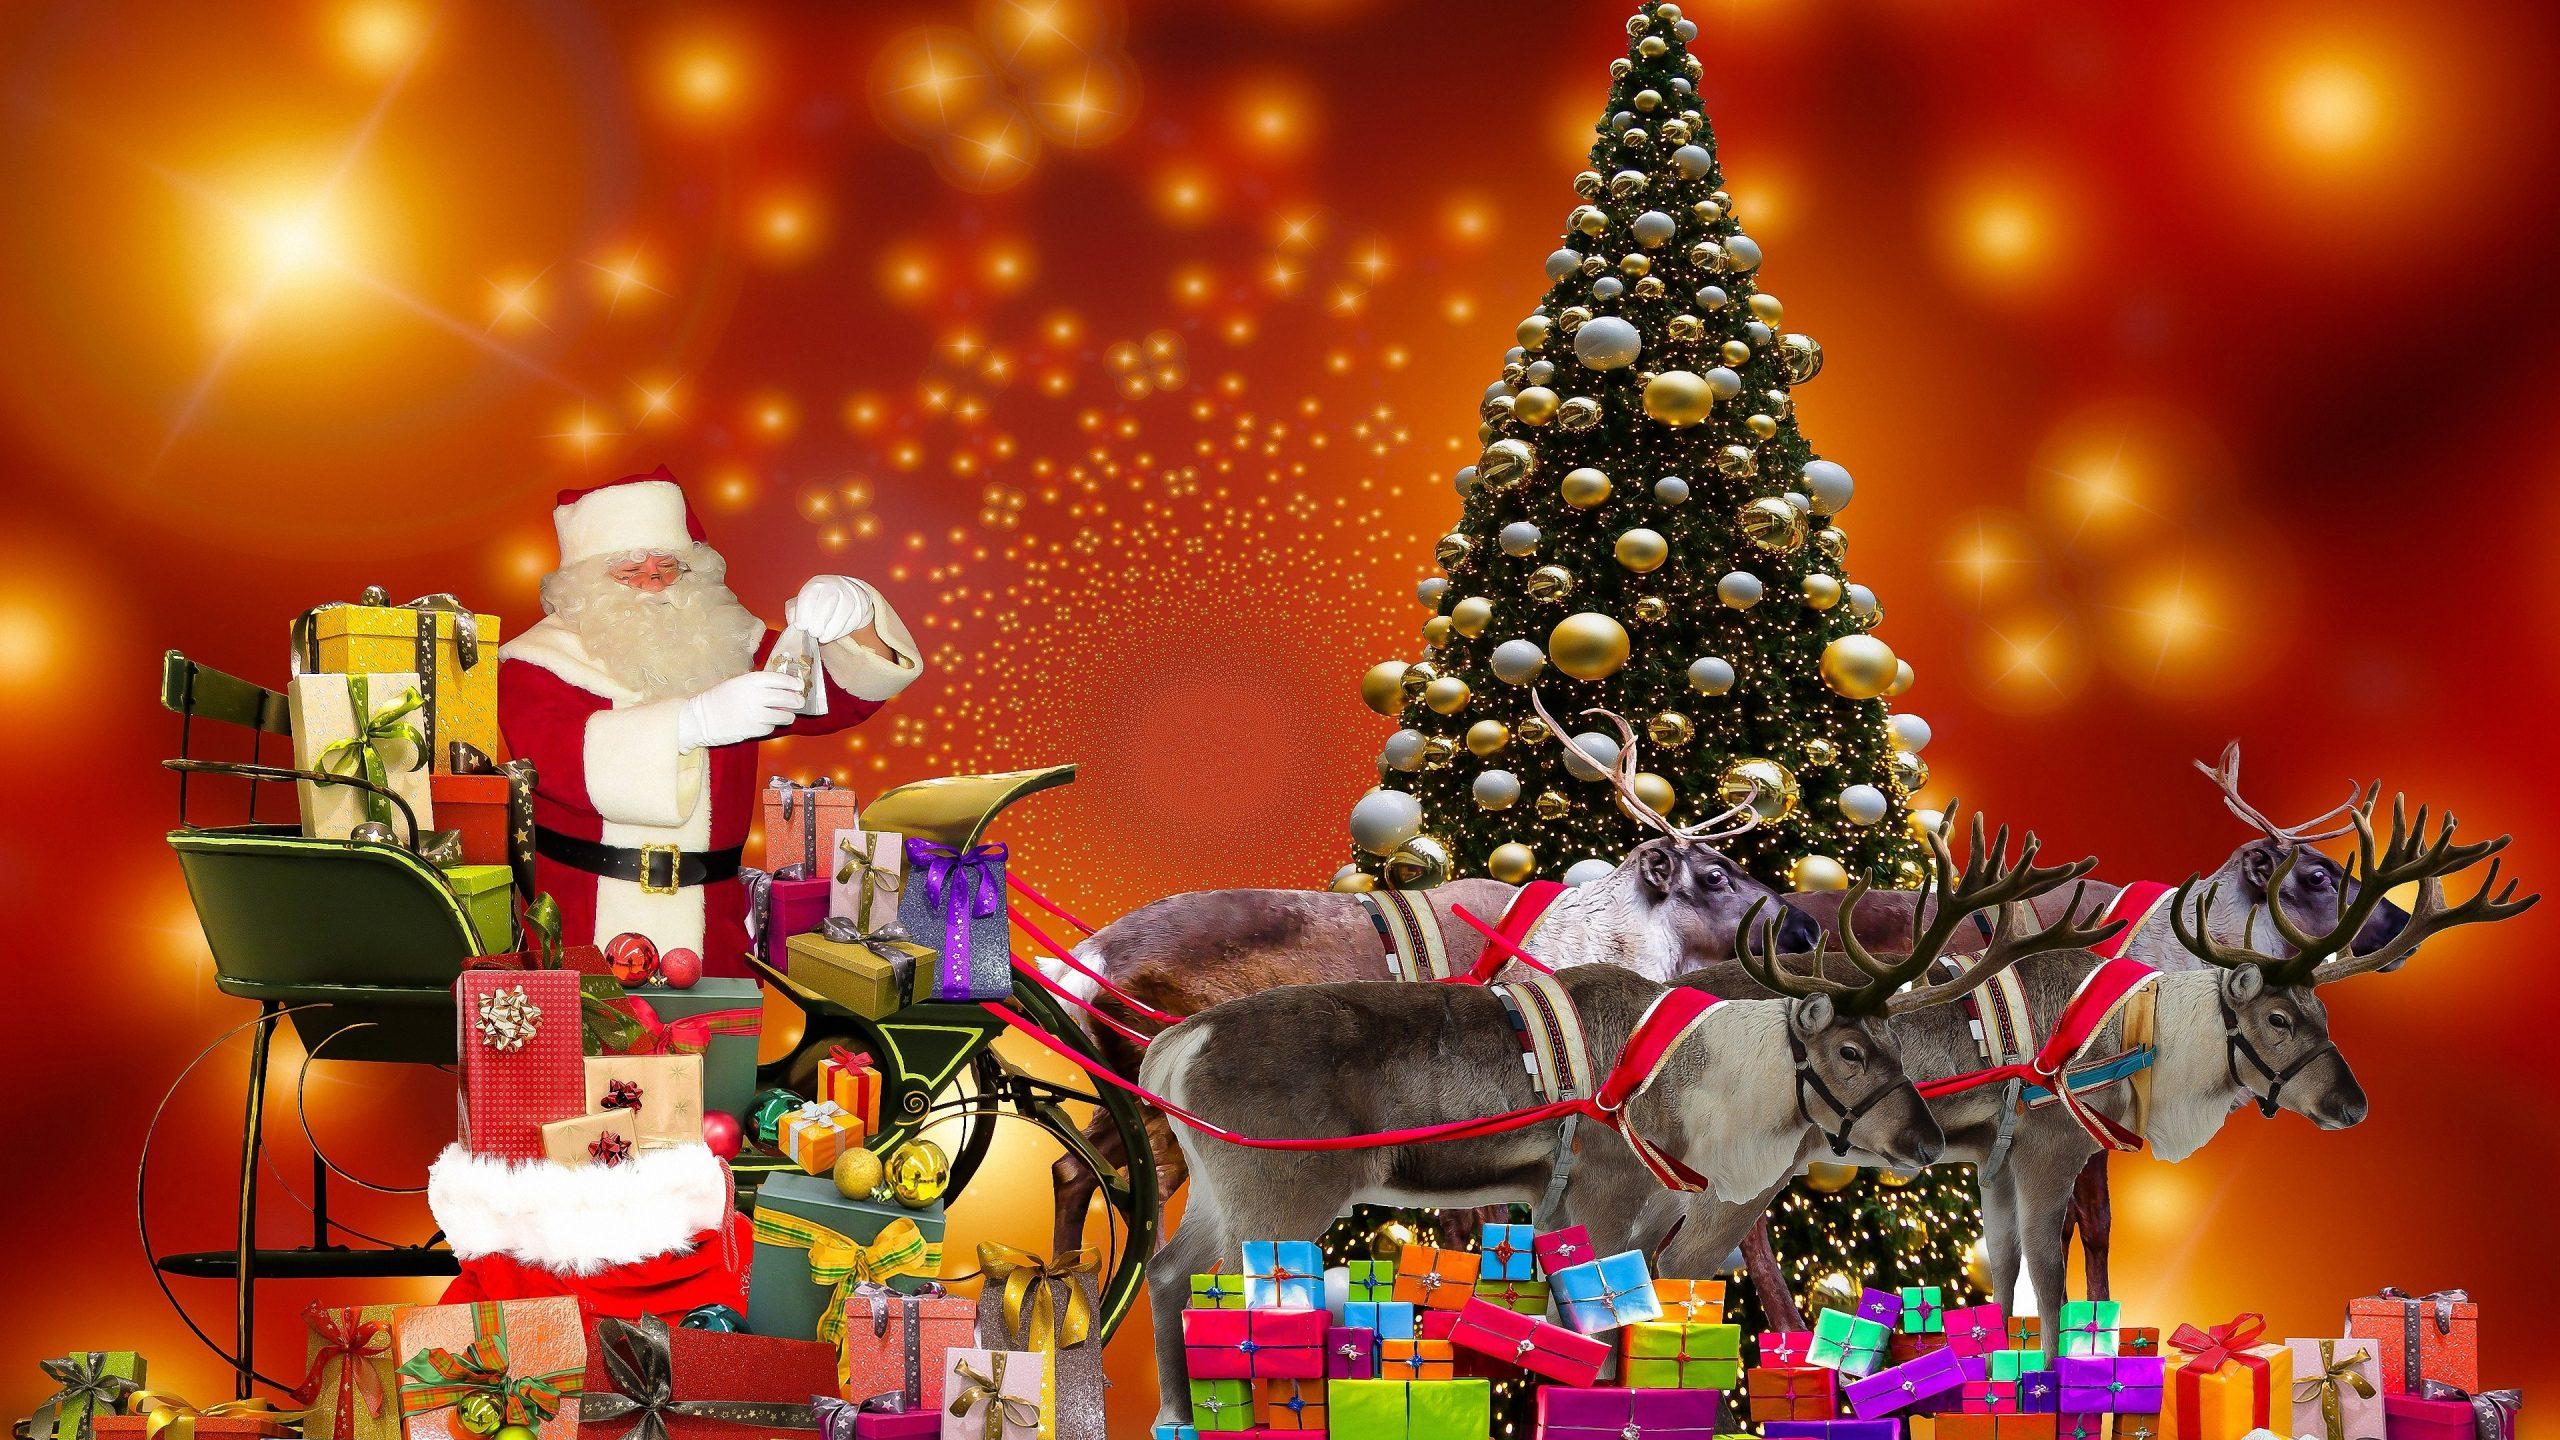 Weihnachten Hintergrundbilder Kostenlos 3840X2160 verwandt mit Weihnachtsmotive Kostenlos Downloaden